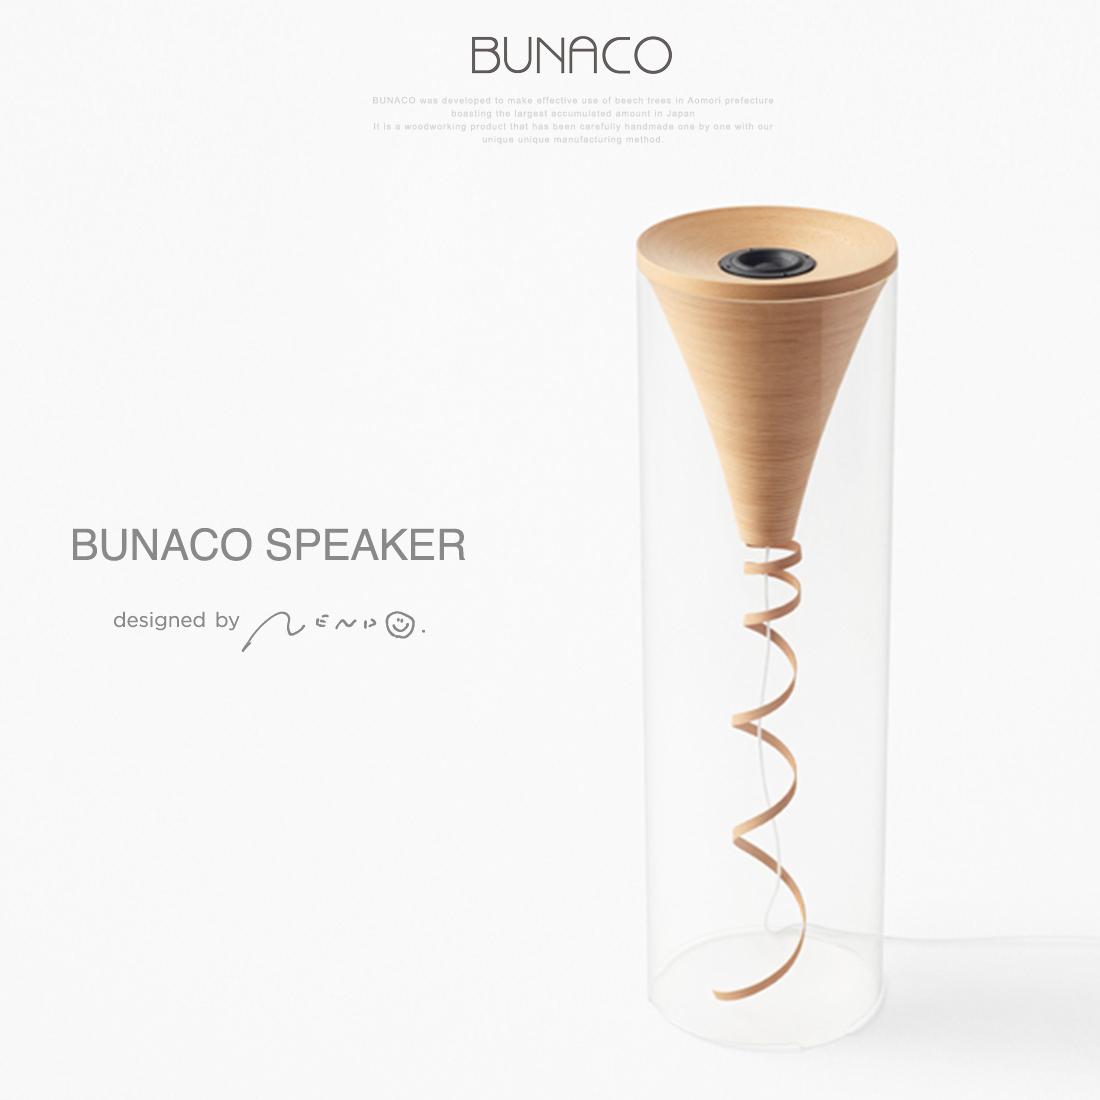 【ブナコ BUNACO】BUNACO SPEAKER designed by nendo スピーカー オーディオ アンプ内蔵スピーカー